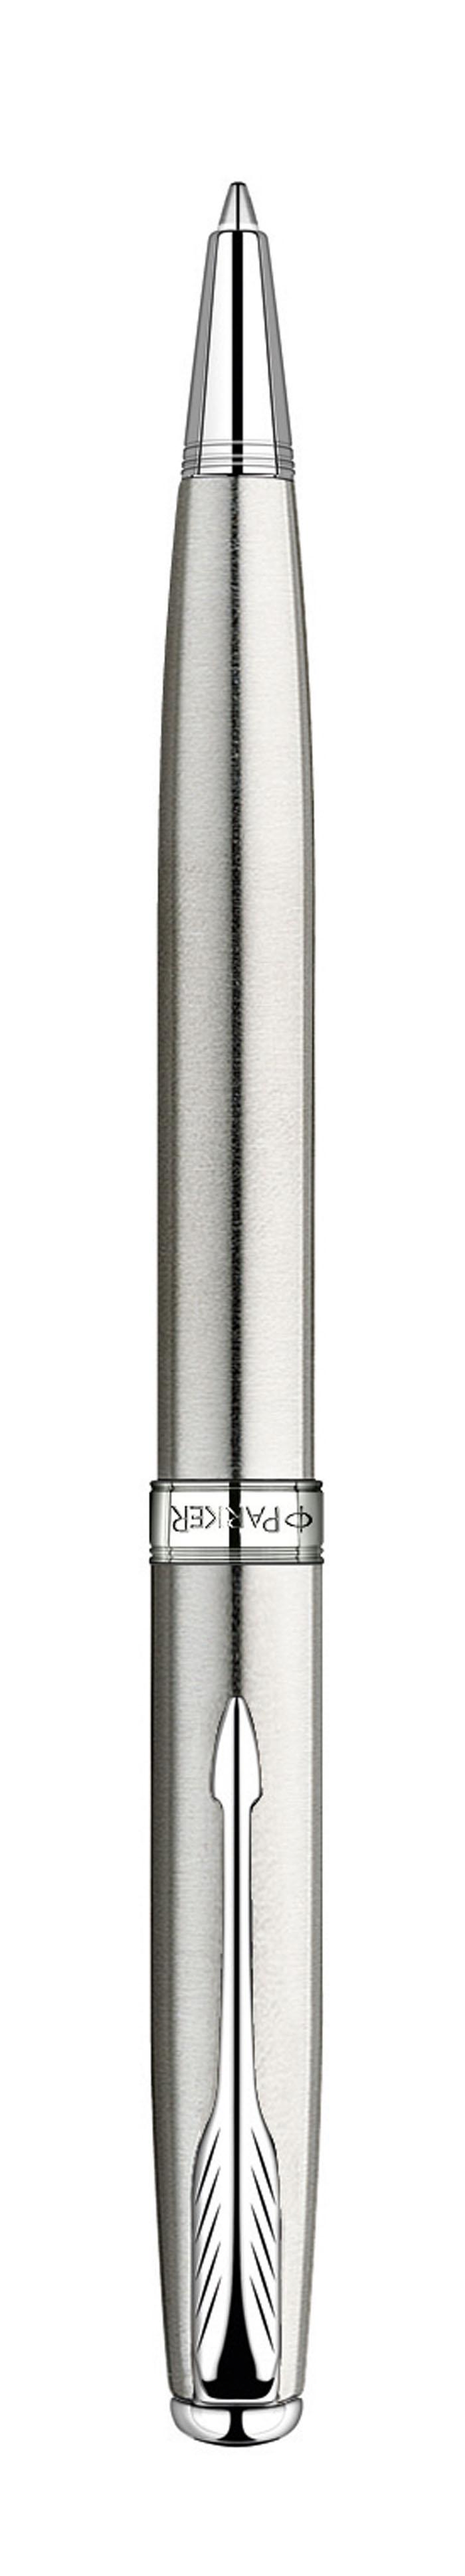 Parker Ручка шариковая Sonnet Stainless Steel СTPARKER-S0809240Шариковая ручка Parker Sonnet Stainless Steel CT из самой популярной коллекцииSonnet. Материал ручки - нержавеющая сталь, в отделке применяетсяхромирование. В ручке используются стандартные шариковые стержни Parker, вкомплект поставки входит один стержень черного цвета. Данный пишущийинструмент поставляется в фирменной подарочной коробке премиум-класса, чтоделает его превосходным подарком. В комплекте также идет гарантийный талон смеждународной гарантией на 2 года.Механизм поворотного действия Длина 13.2 см Диаметр (max) 10 мм Цвет серебристый Цвет отделки серебристый Особенности используются стандартные шариковые стержни Parker Стержень в комплекте черный, M (средний) Комплектация: 1 стержень в ручке, подарочная коробка, гарантийный талон